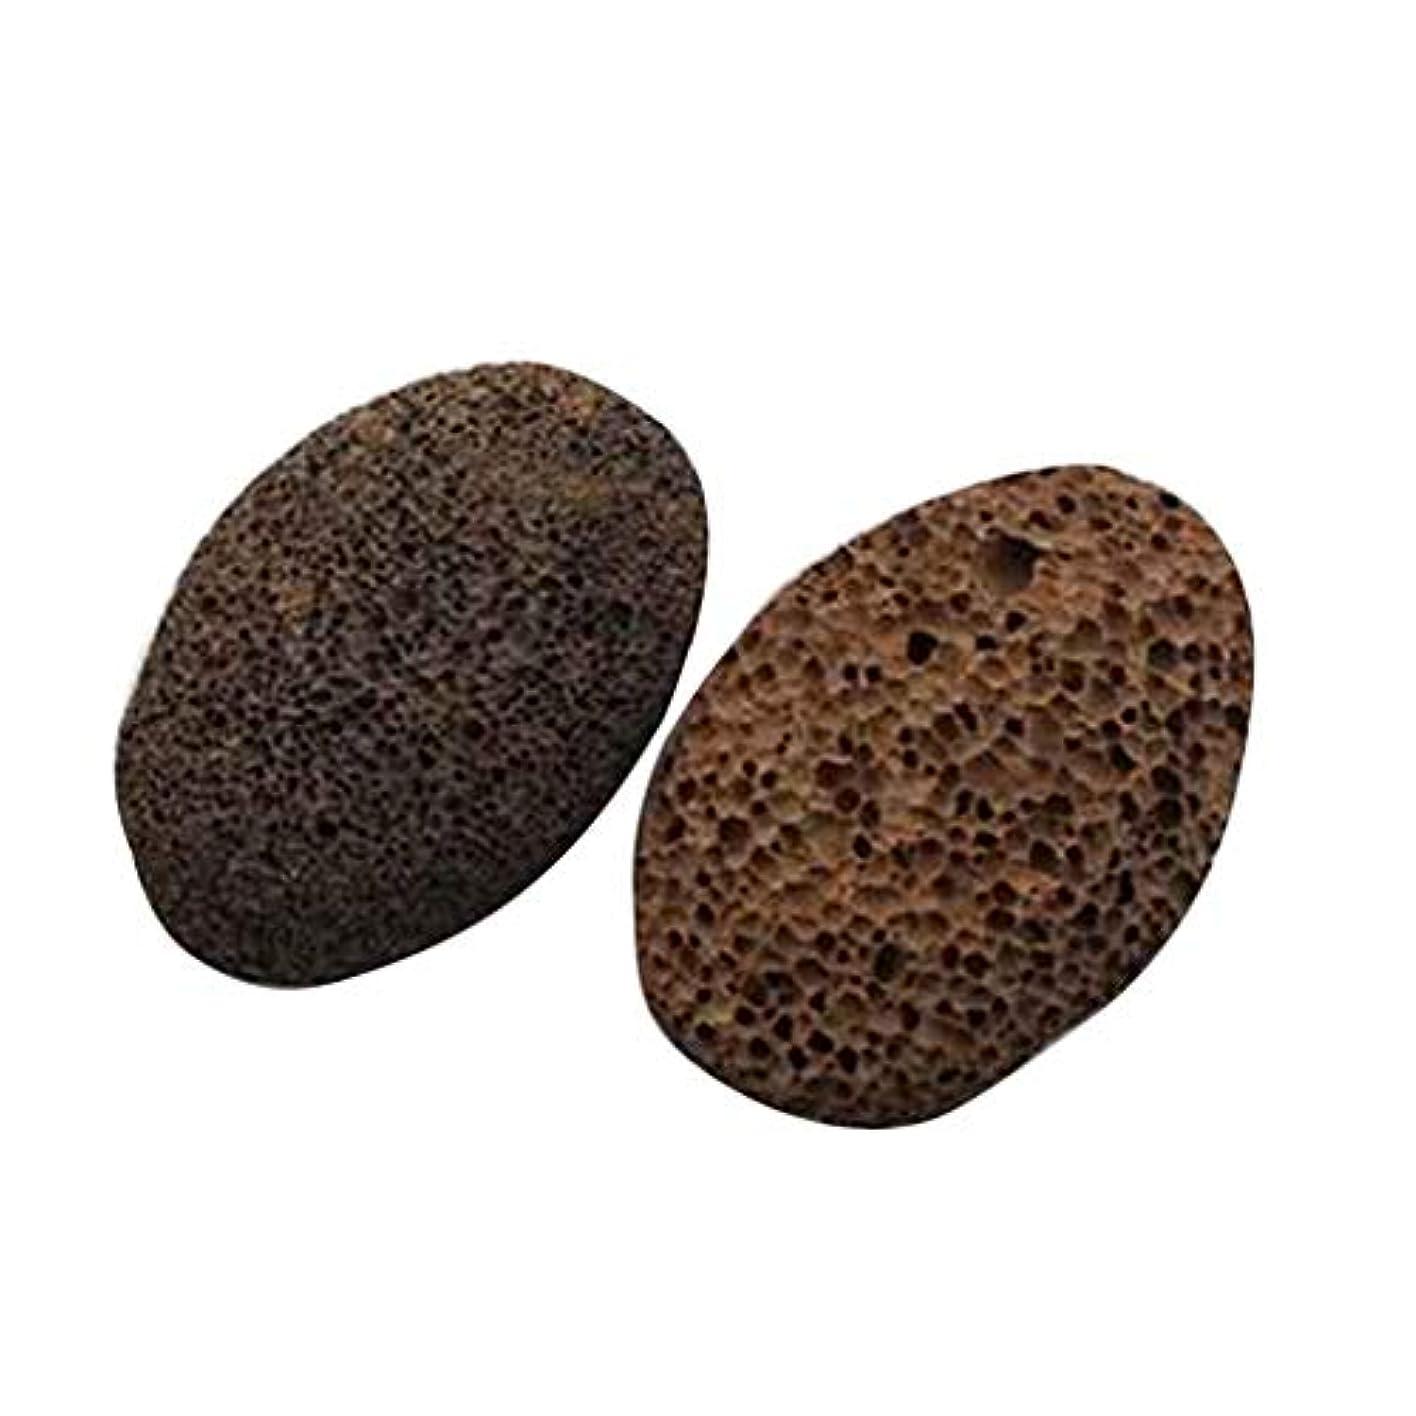 八百屋元気なジャンプするNerhaily 死んだ皮軽石を取り除き 足石を挽いて 自然の火山石を剥がします 足マッサージ石 ワイプ足石 2個セット